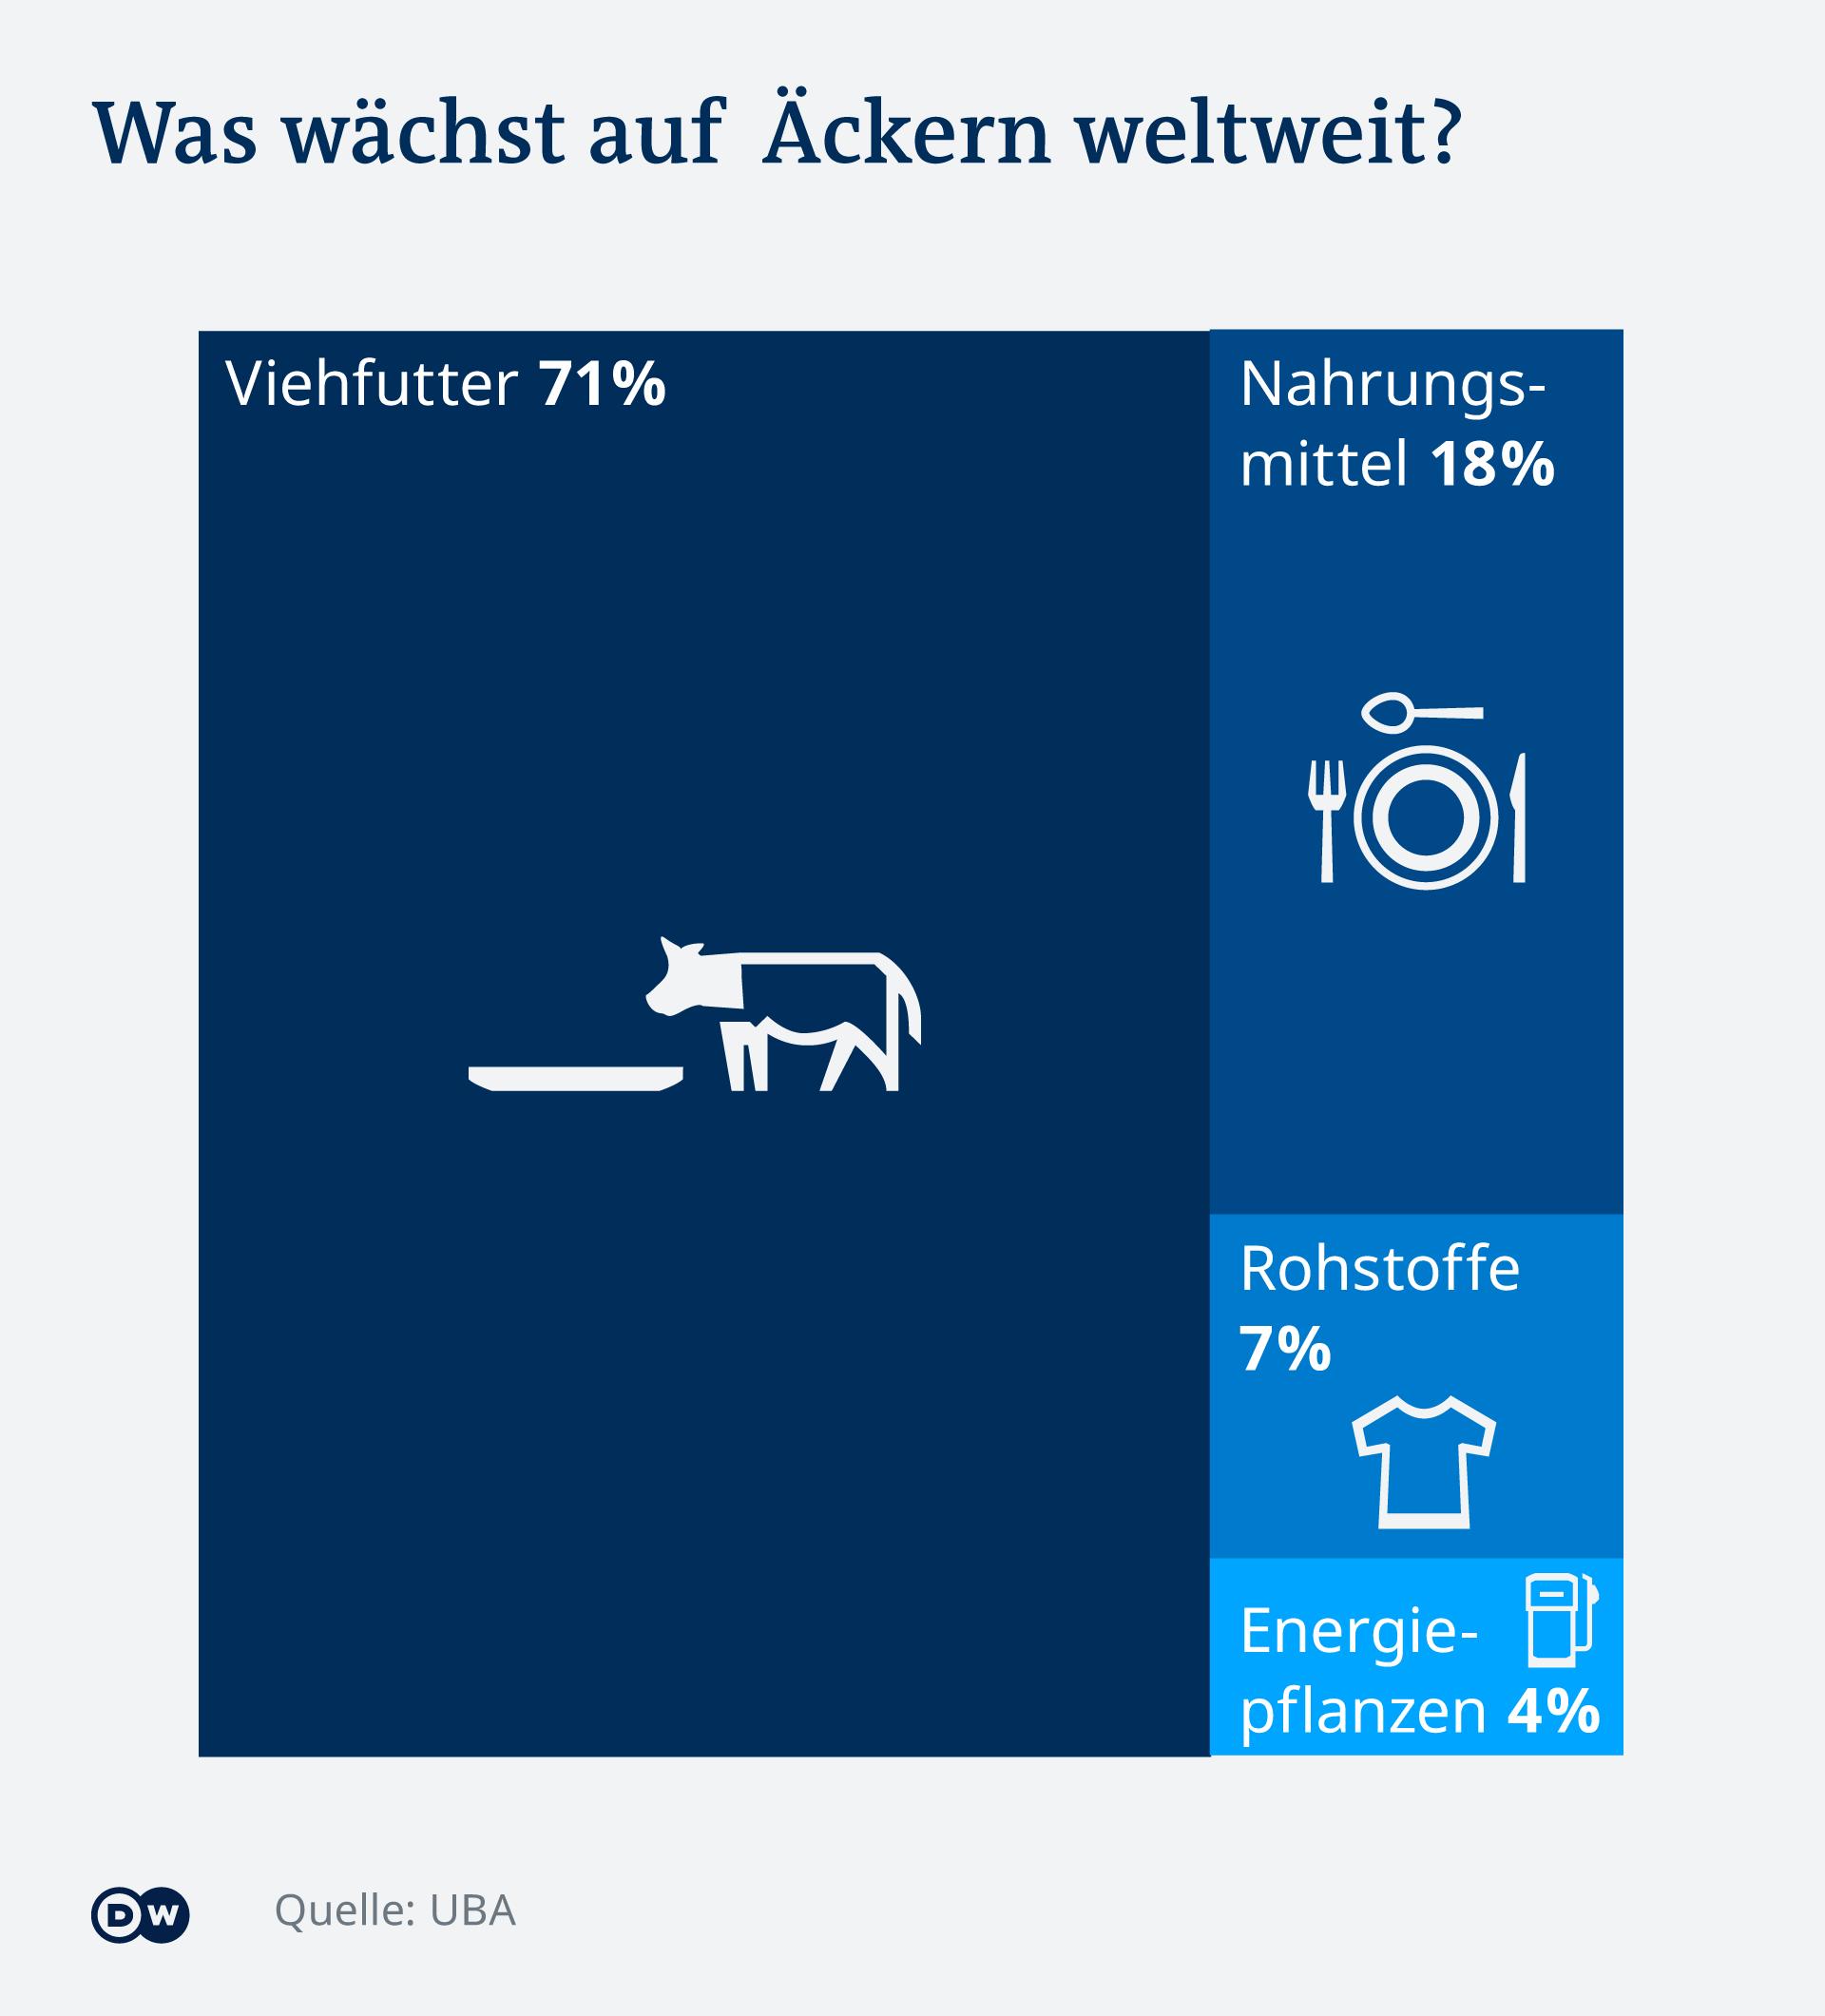 Infografik Nutzung Ackerfläche weltweit : 71 % der Ackerfläche wird nur für Viehfutter benutzt und nur 18 % für nachurngsmittel